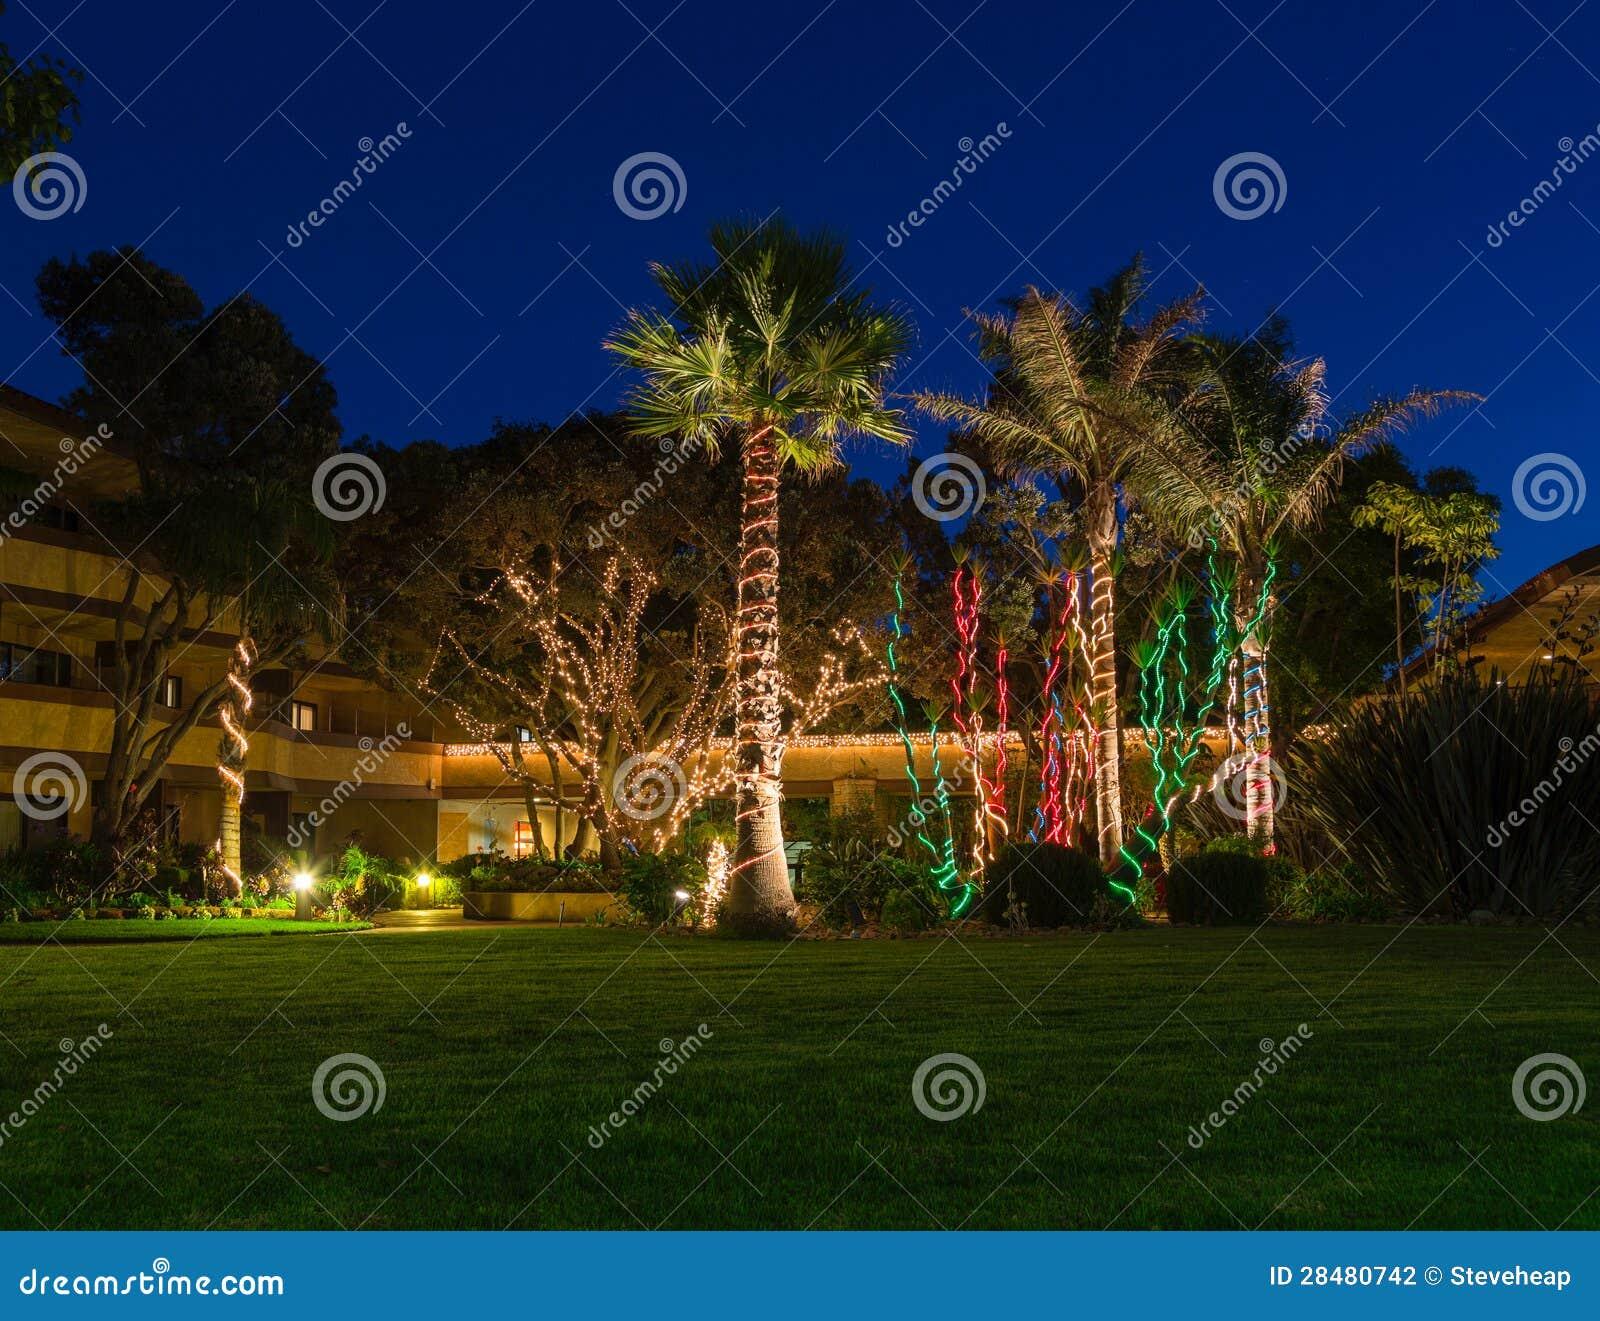 Luces de la navidad en las palmeras for Iluminacion para palmeras